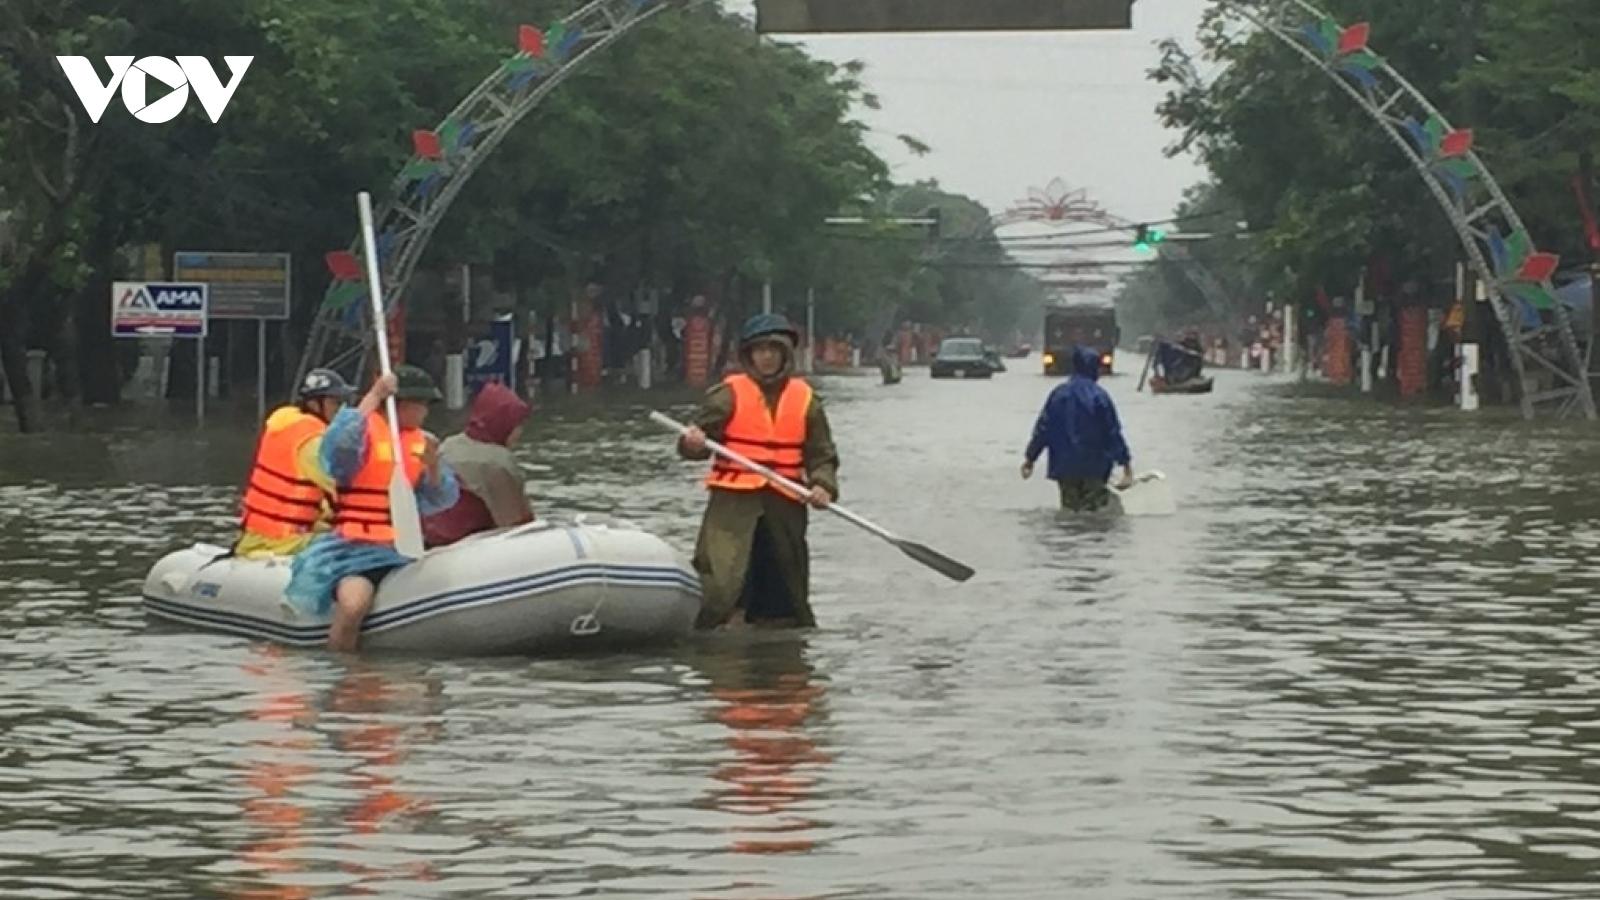 """Hồ Kẻ Gỗ có phải là """"thủ phạm"""" gây ngập lụt ở Hà Tĩnh?"""